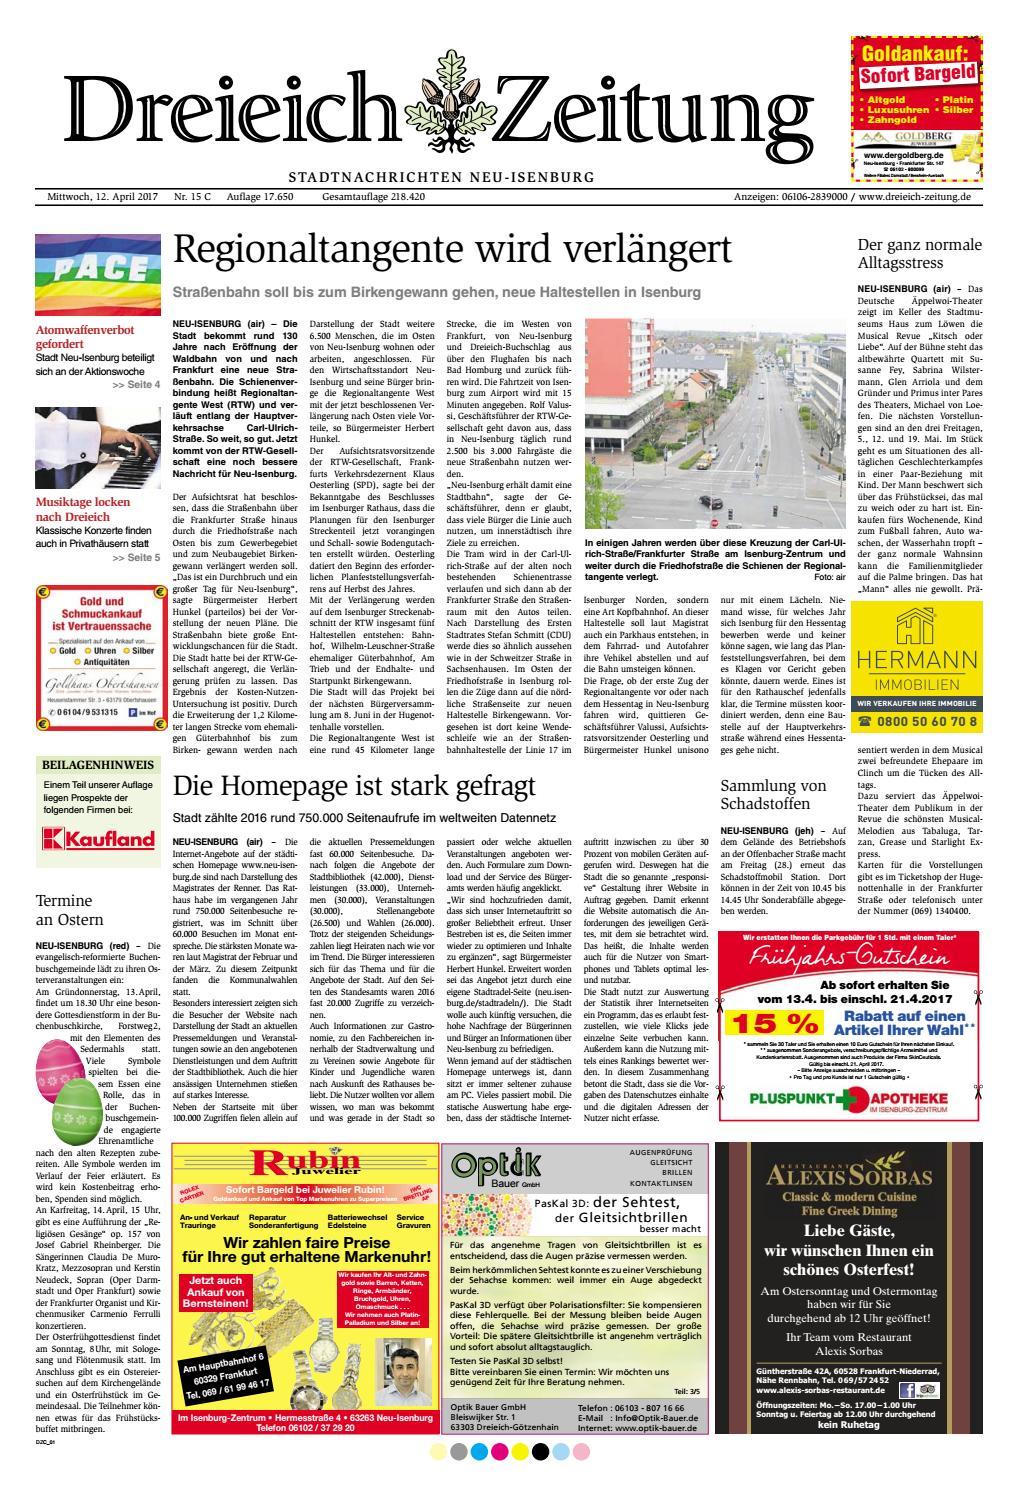 Dz Online 015 17 C By Dreieich Zeitung Offenbach Journal Issuu